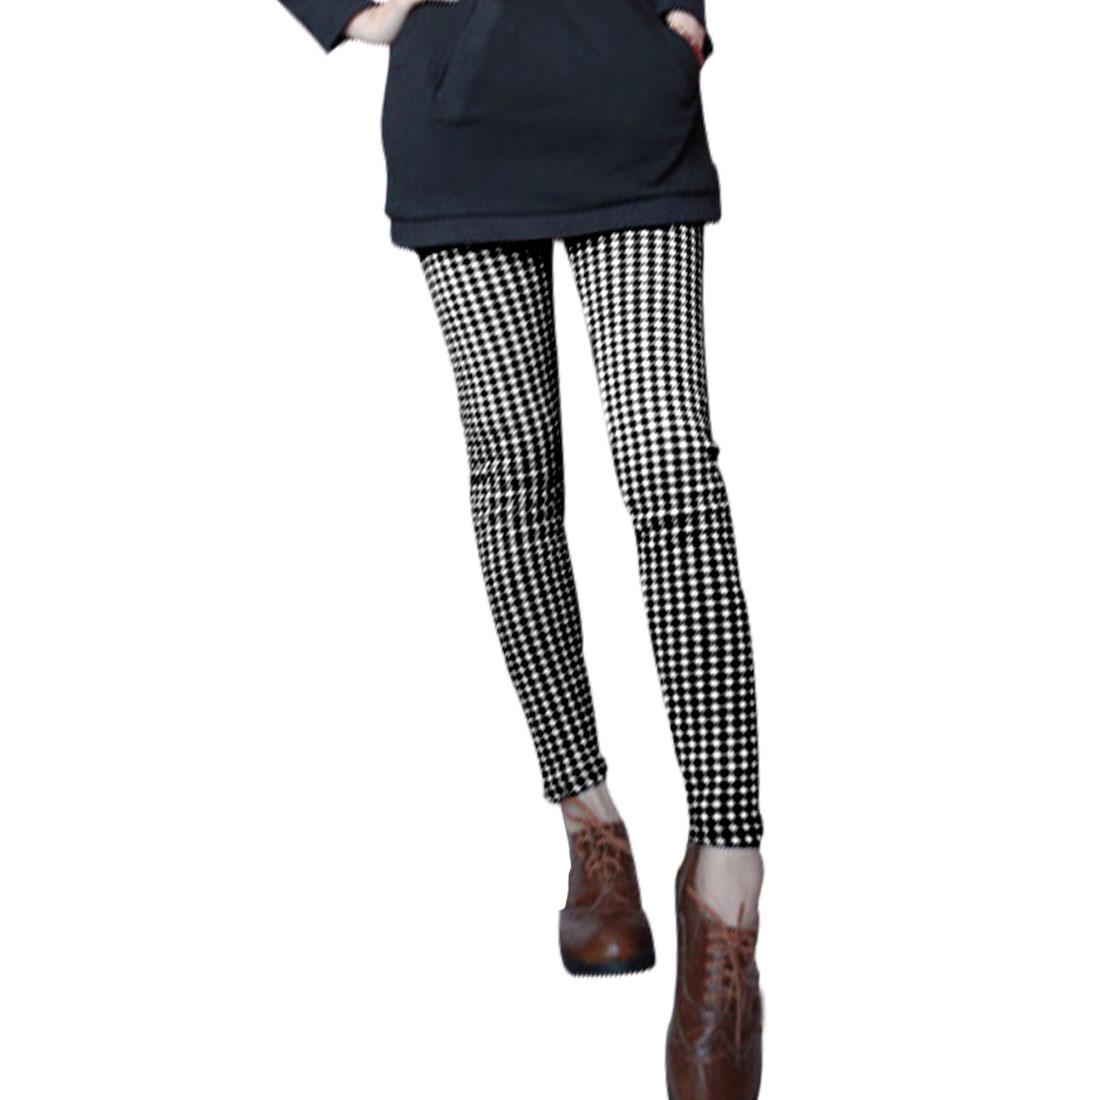 Ladies Black White Mid Rise Stretchy Skinny Fleece Inner Trendy Leggings XS